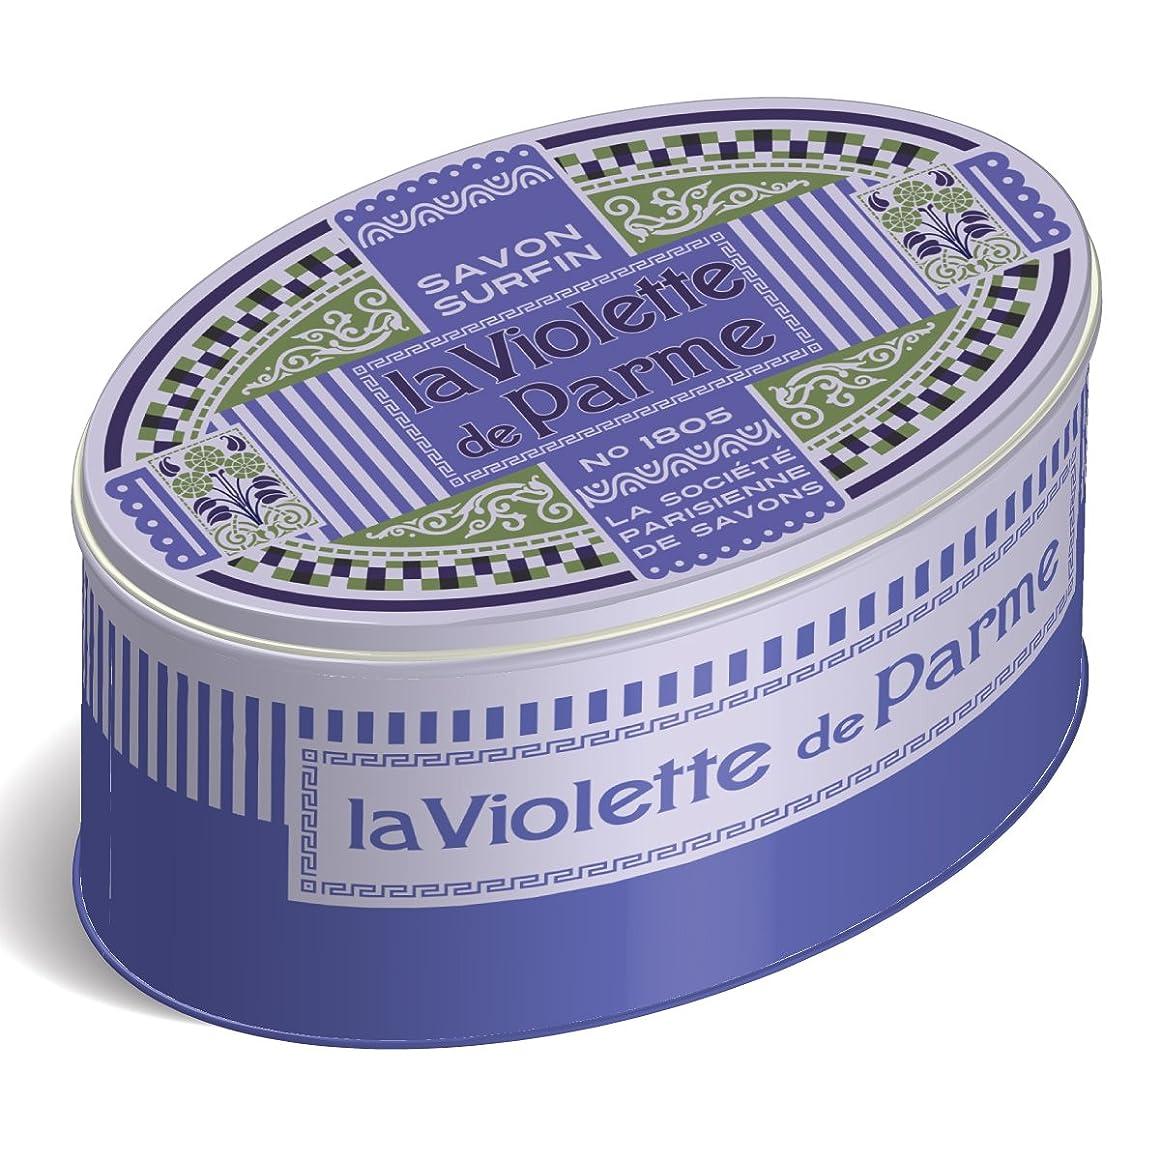 腹痛横向き練るLA SOCIETE PARISIENNE DE SAVONS フレグランスソープ(缶入) 250g 「ラヴィオットデパルム」 3440576130614